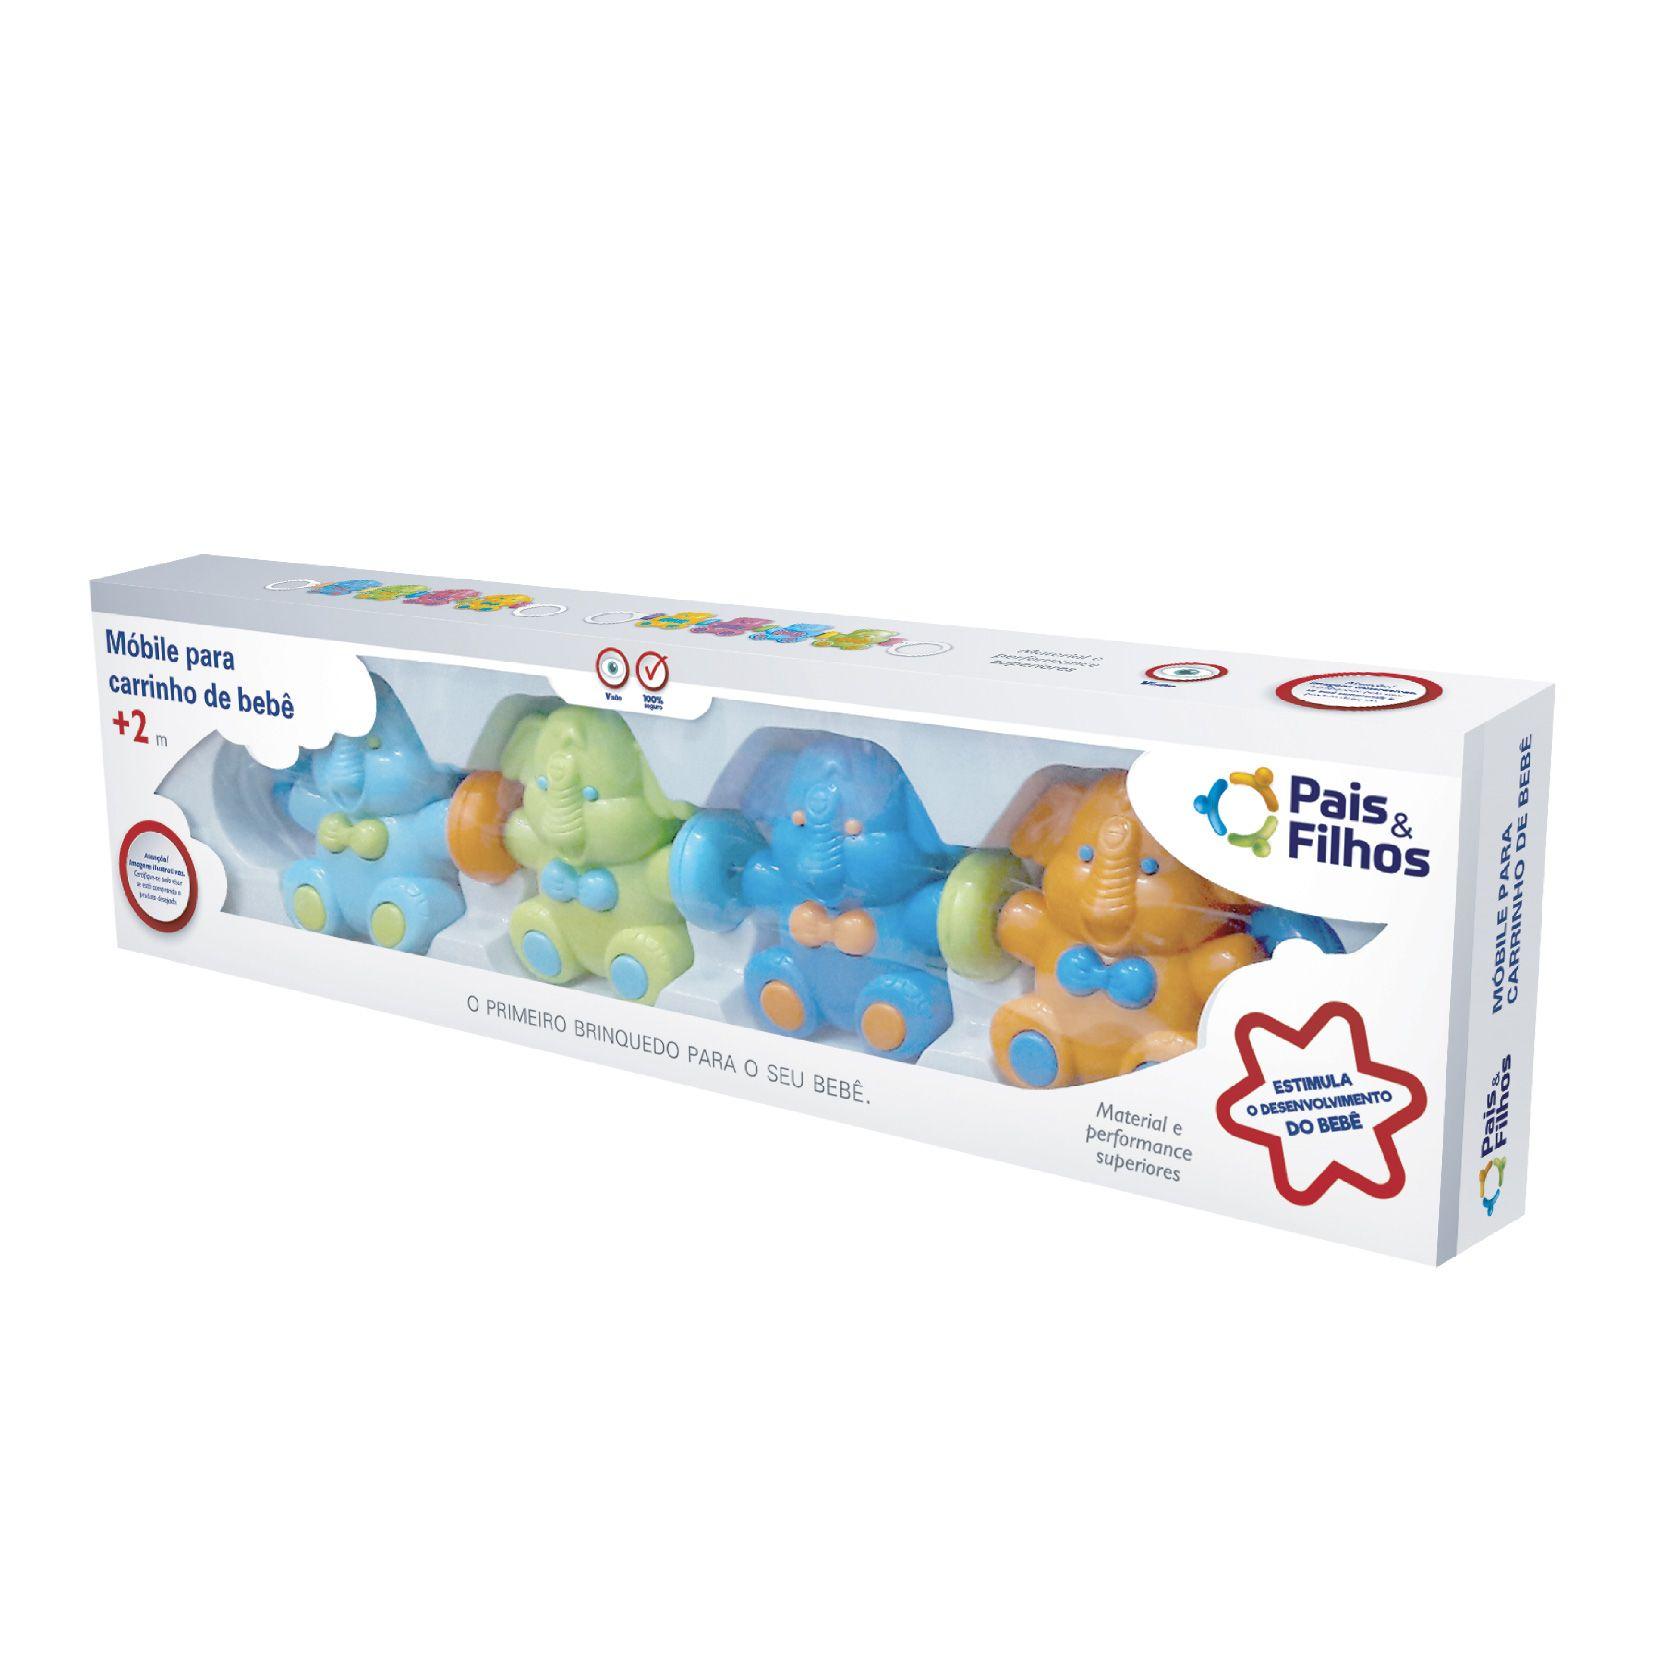 Móbile para carrinho de bebê-7820